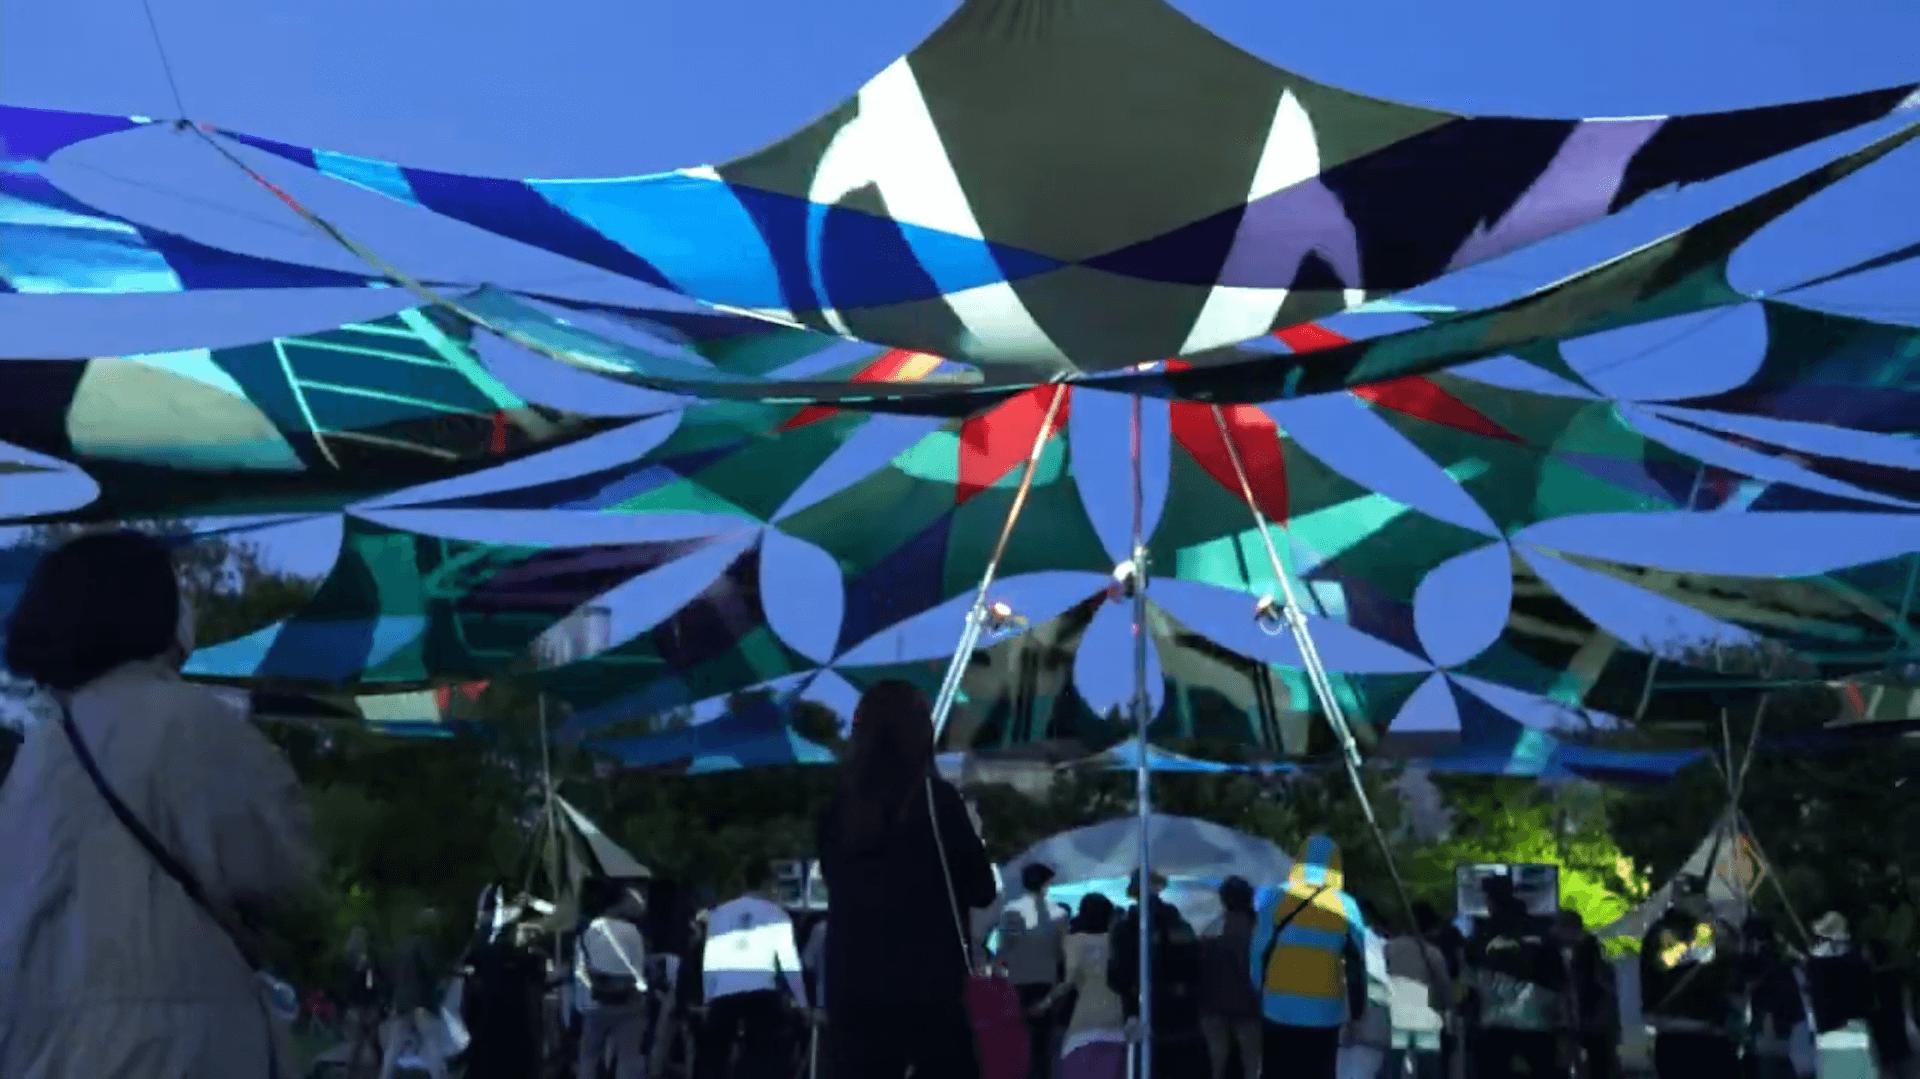 10月開催の<Brightness Open Air 2021 Autumn>第1弾ラインナップが発表!KEN ISHII、REE.K、HIROSHI WATANABE a.k.a KAITOら20組超え music210805_brightness-open-air_5